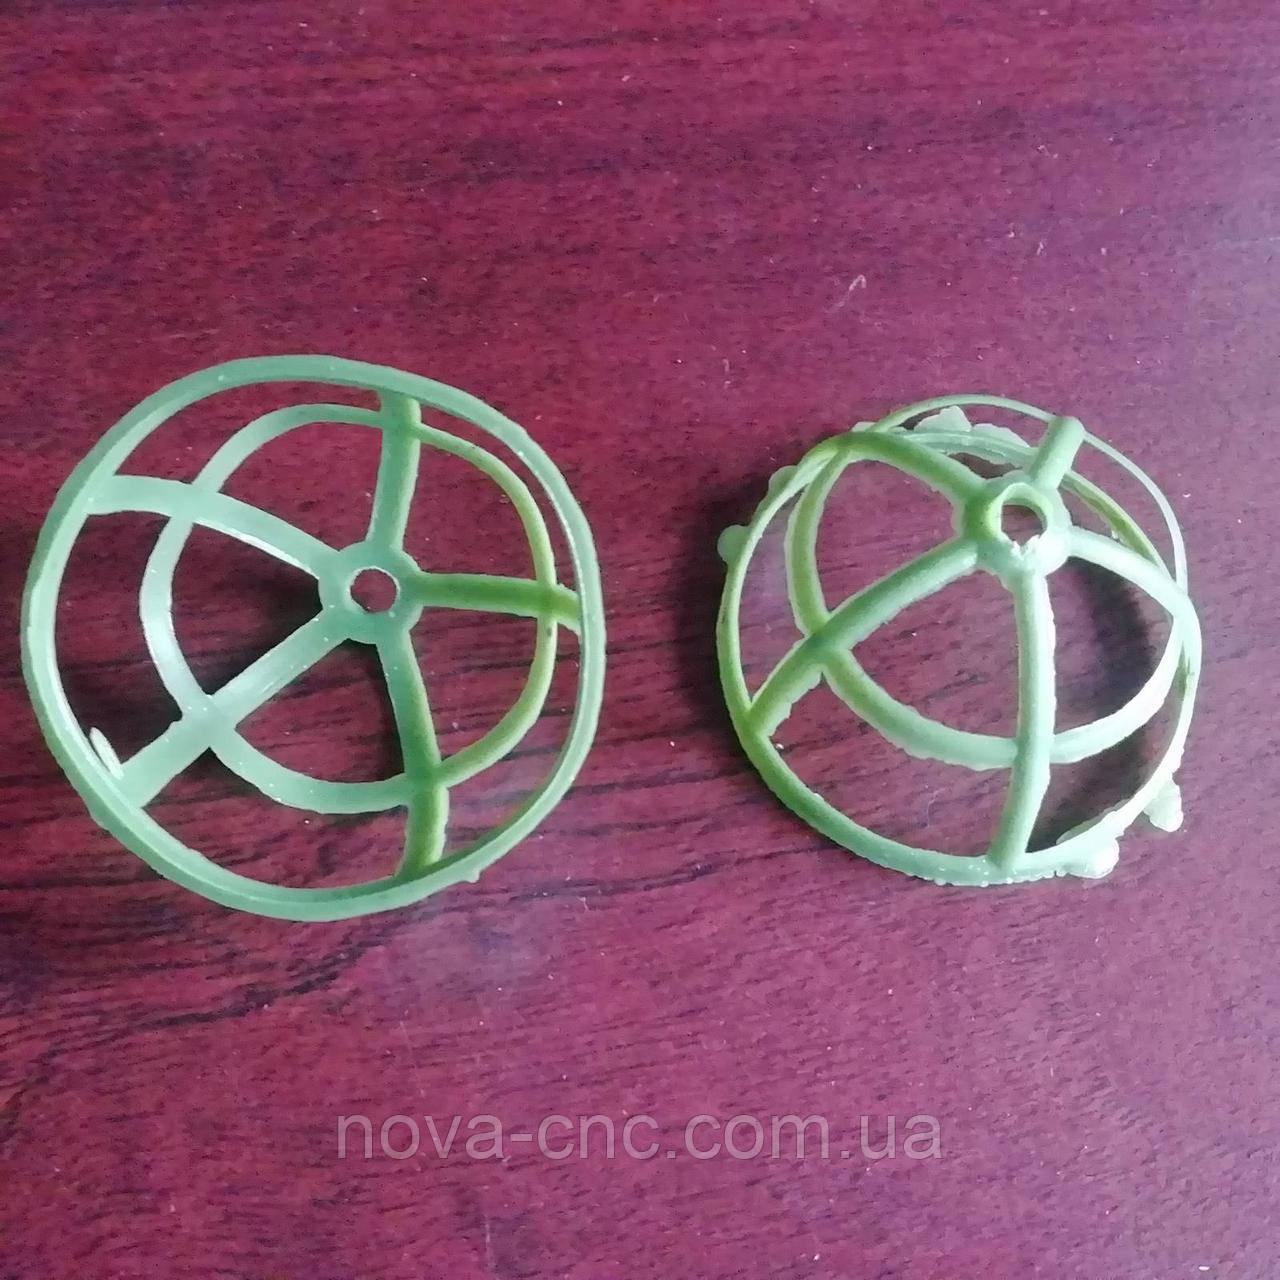 Основа для цветка Диаметр 3,5 см Упаковка 25 шт Цвет зеленый